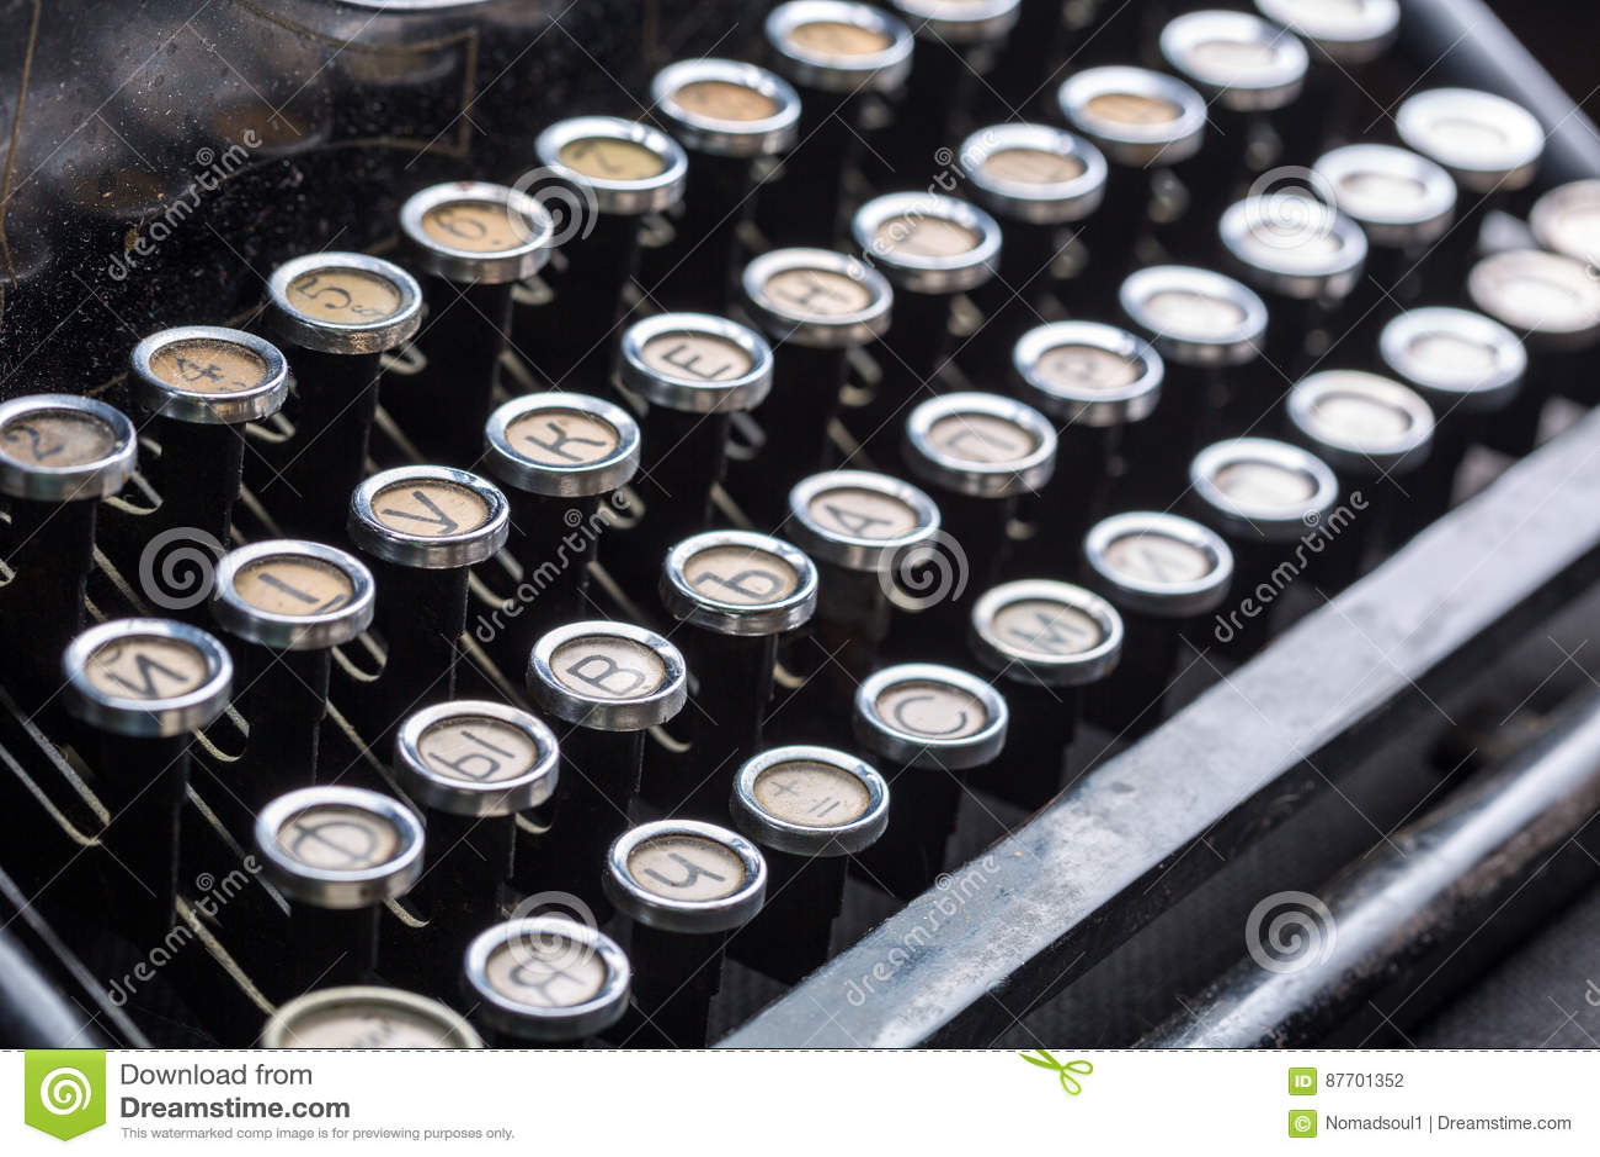 La machine à écrire de vintage verrouille l image de plan rapproché